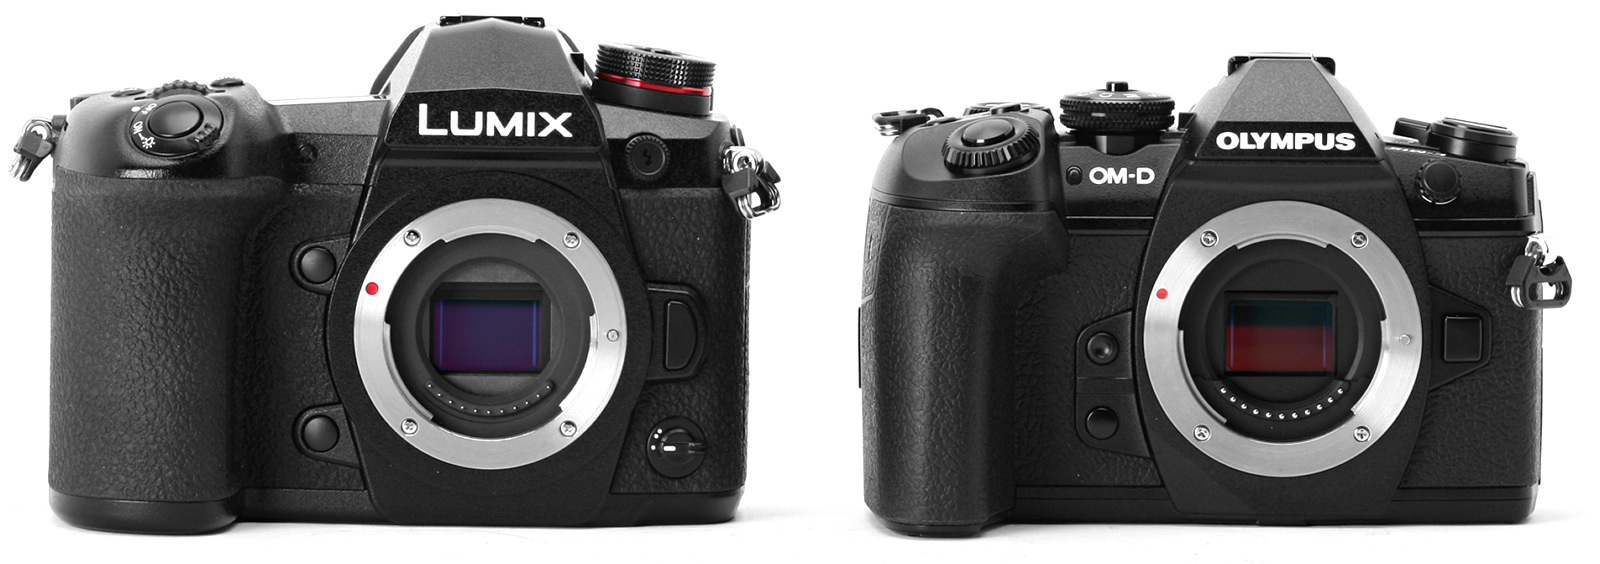 Panasonic Lumix G9 и Olympus OM-D E-M1 Mark II